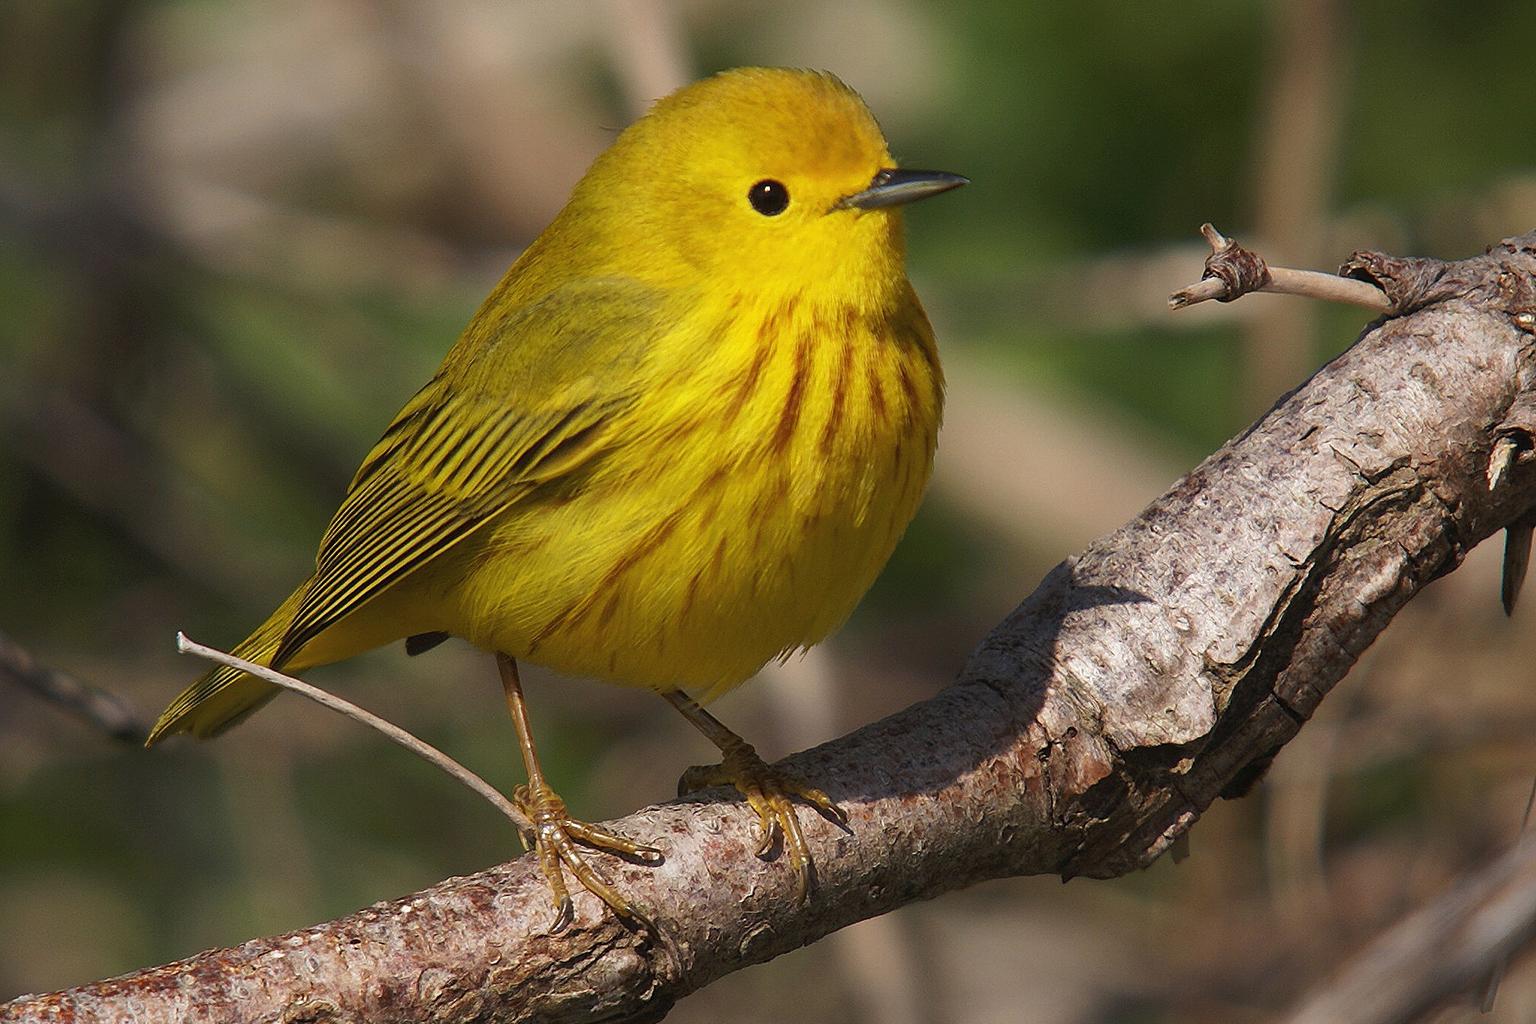 Paruline jaune mâle. Crédits : Laurent Jackman